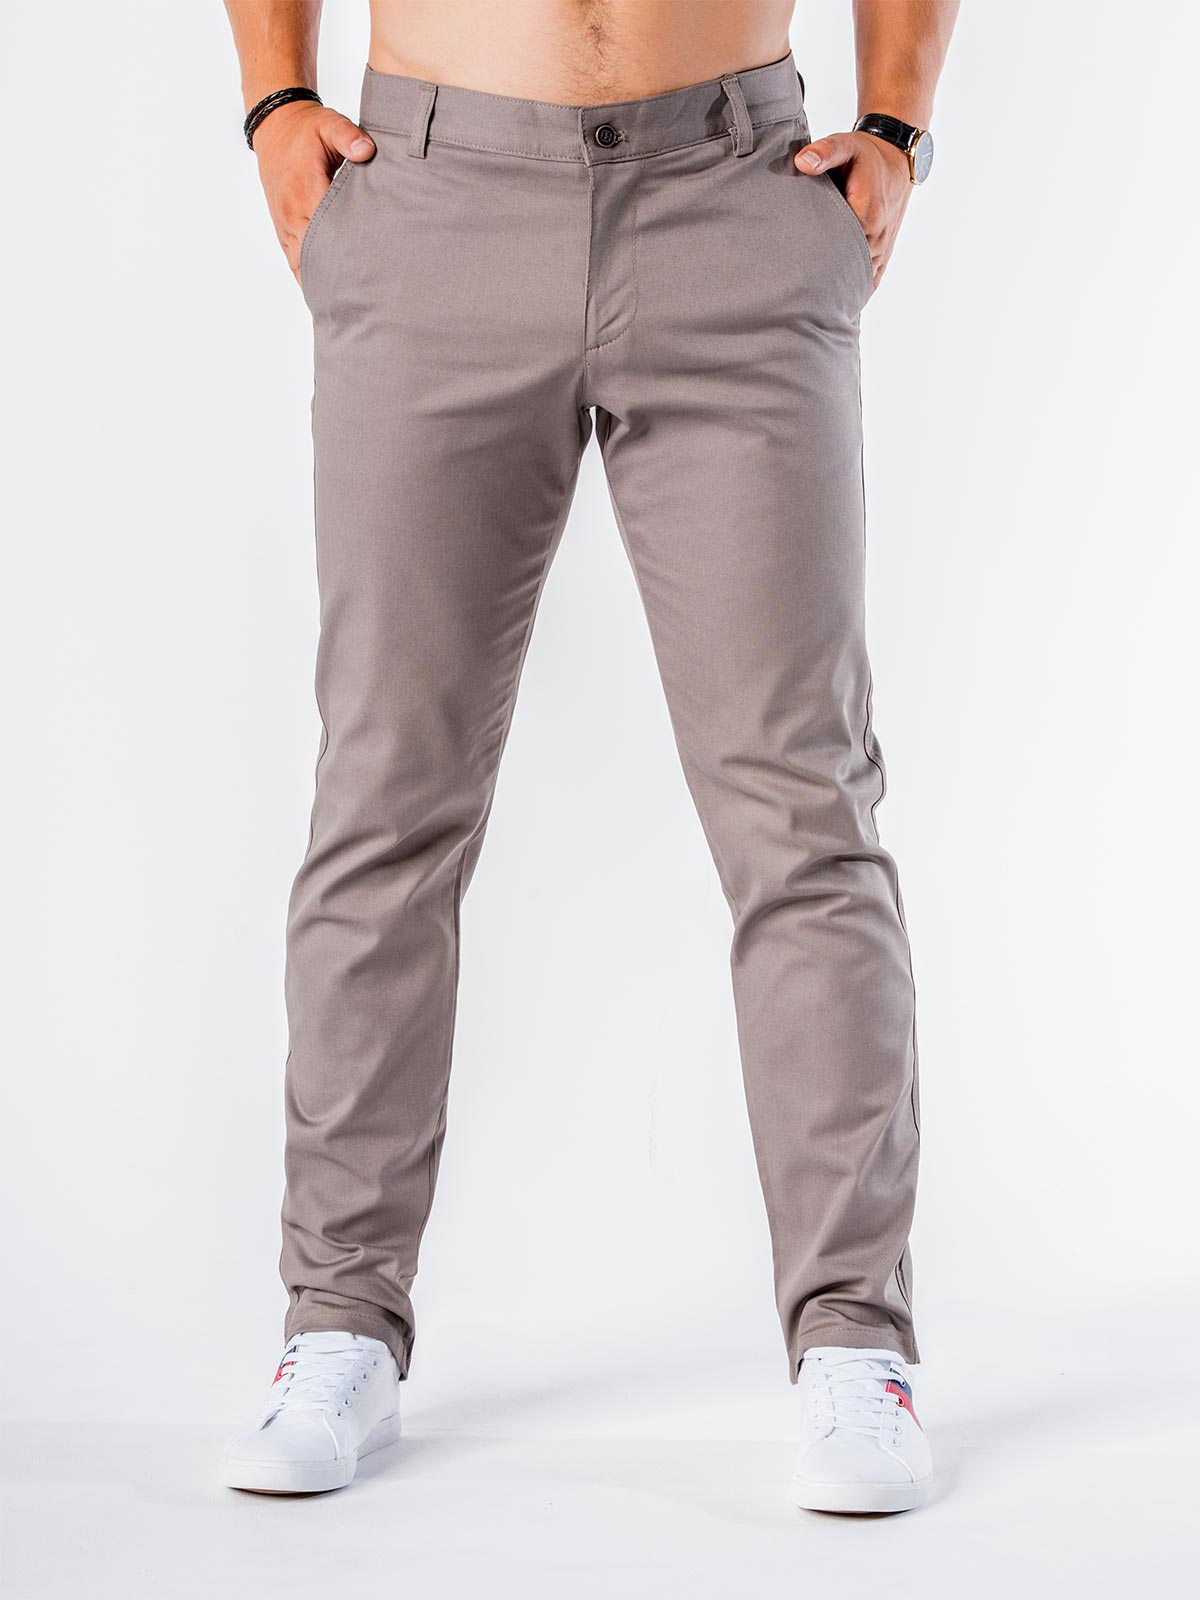 fb832512ae77a Spodnie męskie chino 546P - szare szary | Odzież \ Spodnie \ Wszystkie  Odzież \ Spodnie \ Pozostałe - Edoti.com